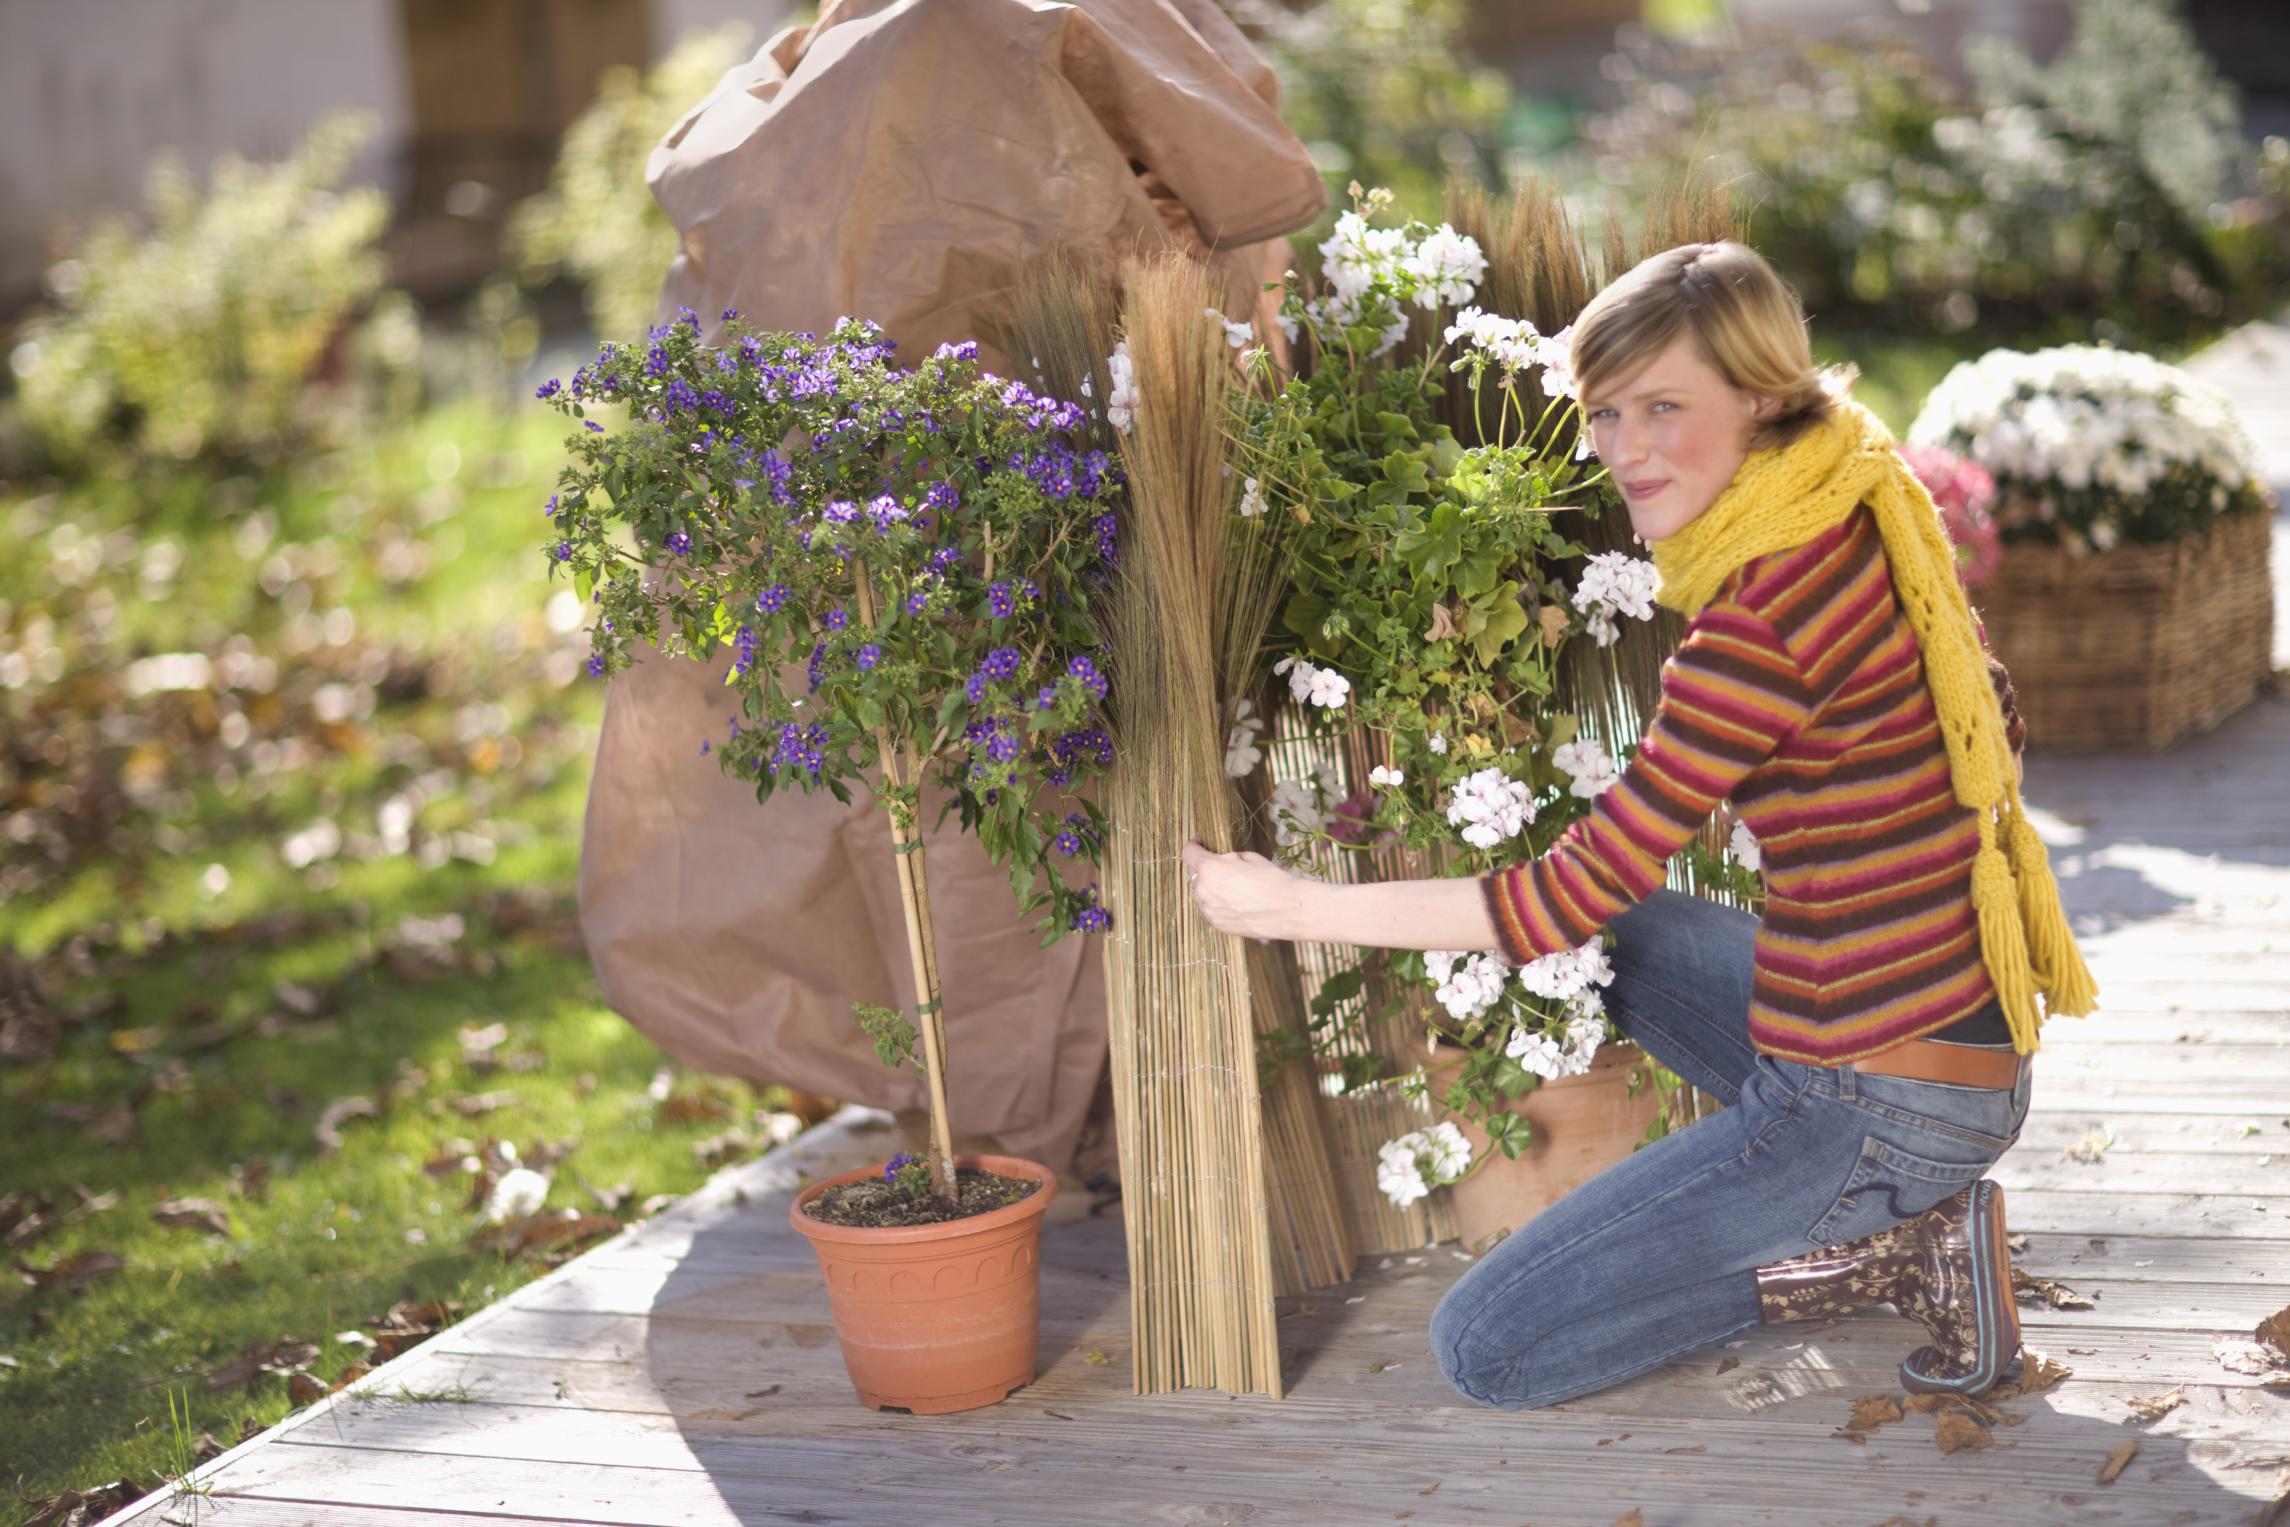 winterschutz statt gartenfrust toom baumarkt gibt tipps wie pflanzen gartenm bel. Black Bedroom Furniture Sets. Home Design Ideas